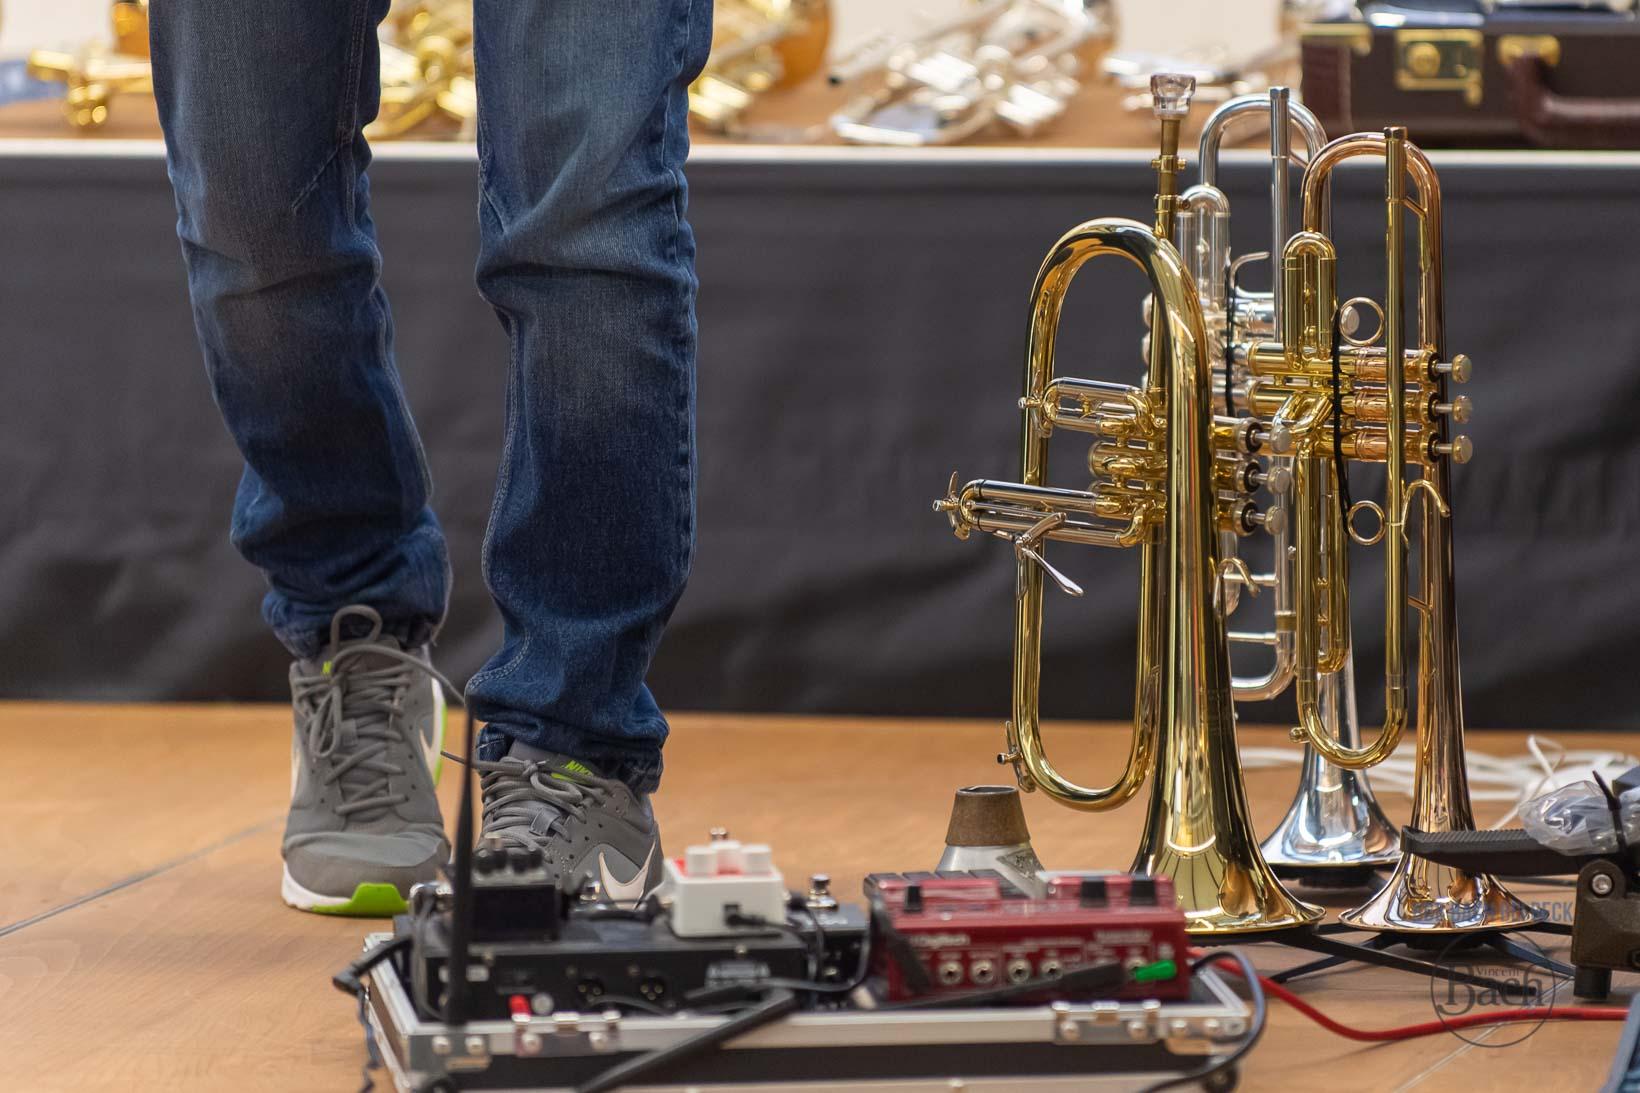 Bach Stradivarius Trompeten und Posaunen im Pro Brass Studio Musikhaus Beck